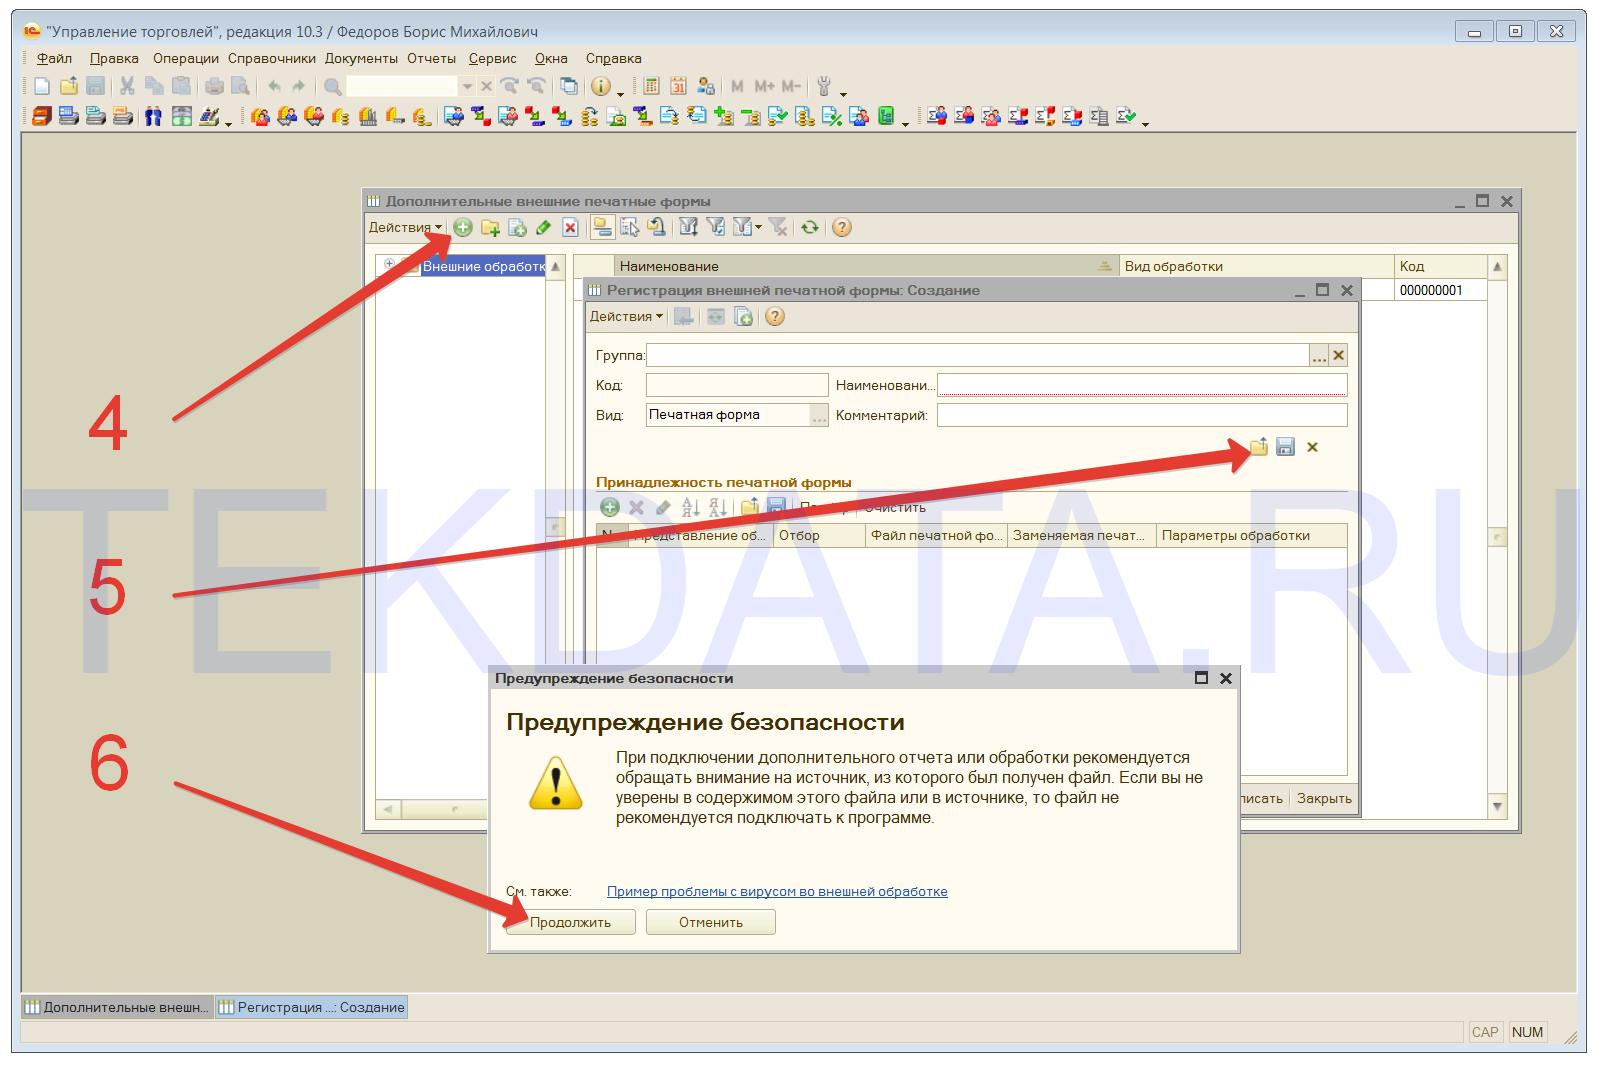 Подключение внешней печатной формы 1С 8.2 (Действия 4-5-6) | tekdata.ru